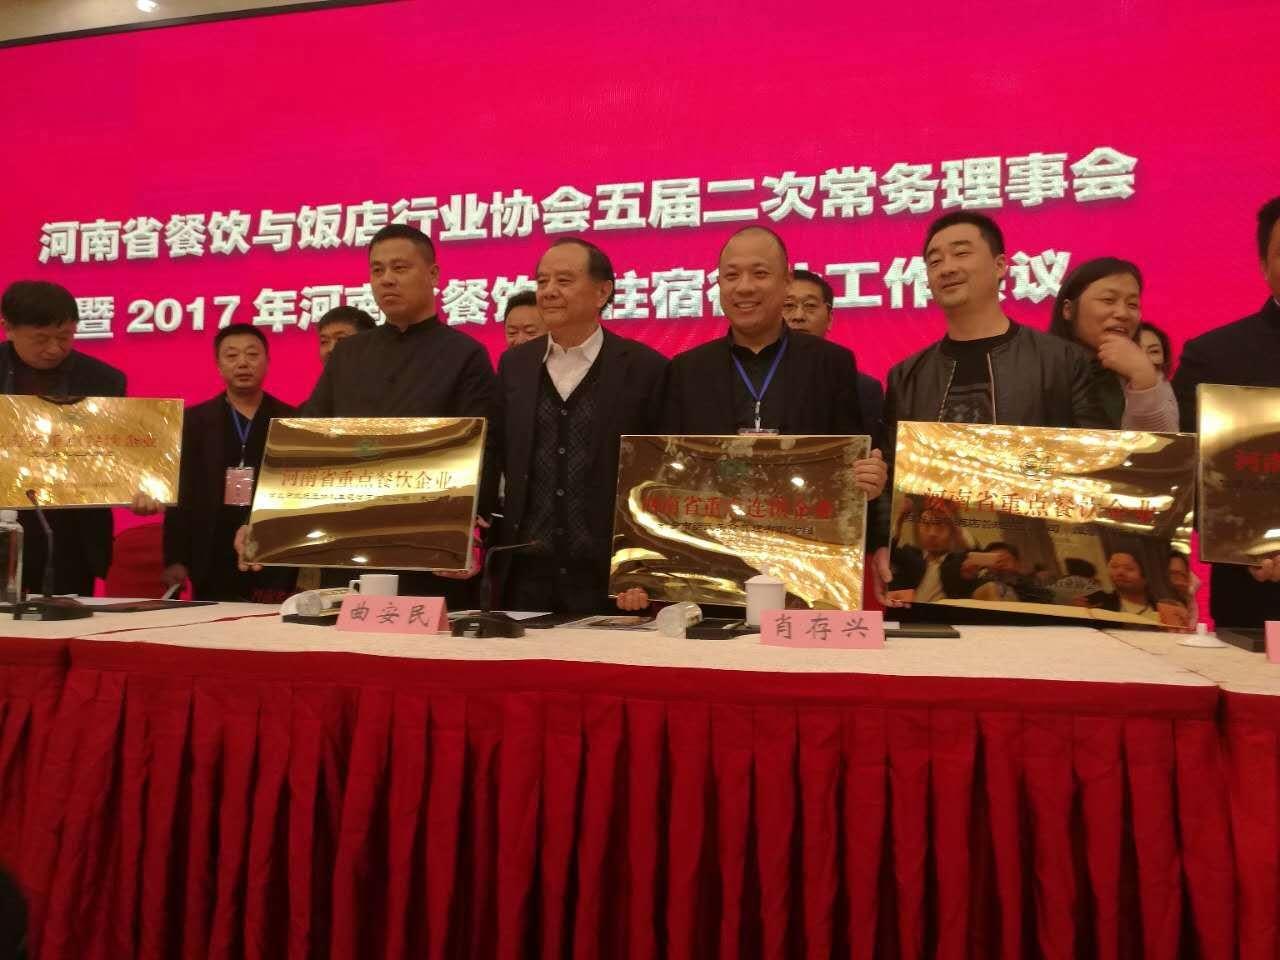 千赢国际安卓手机下载_千赢娱乐官网登录入口_千赢官方下载